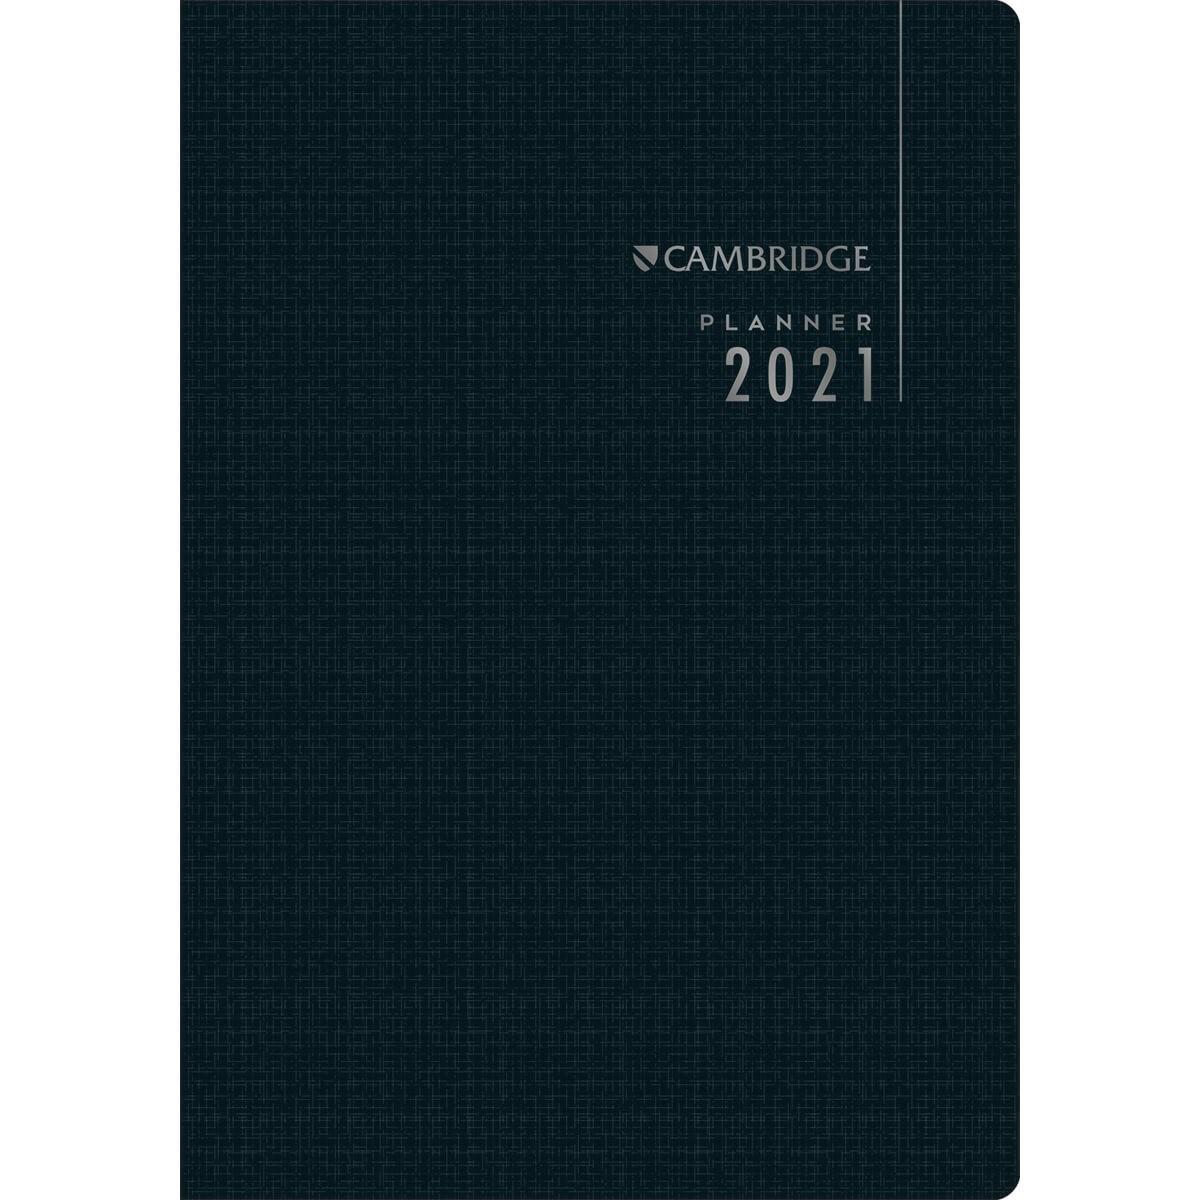 Planner Executivo Grampeado Cambridge 2021 - Tilibra